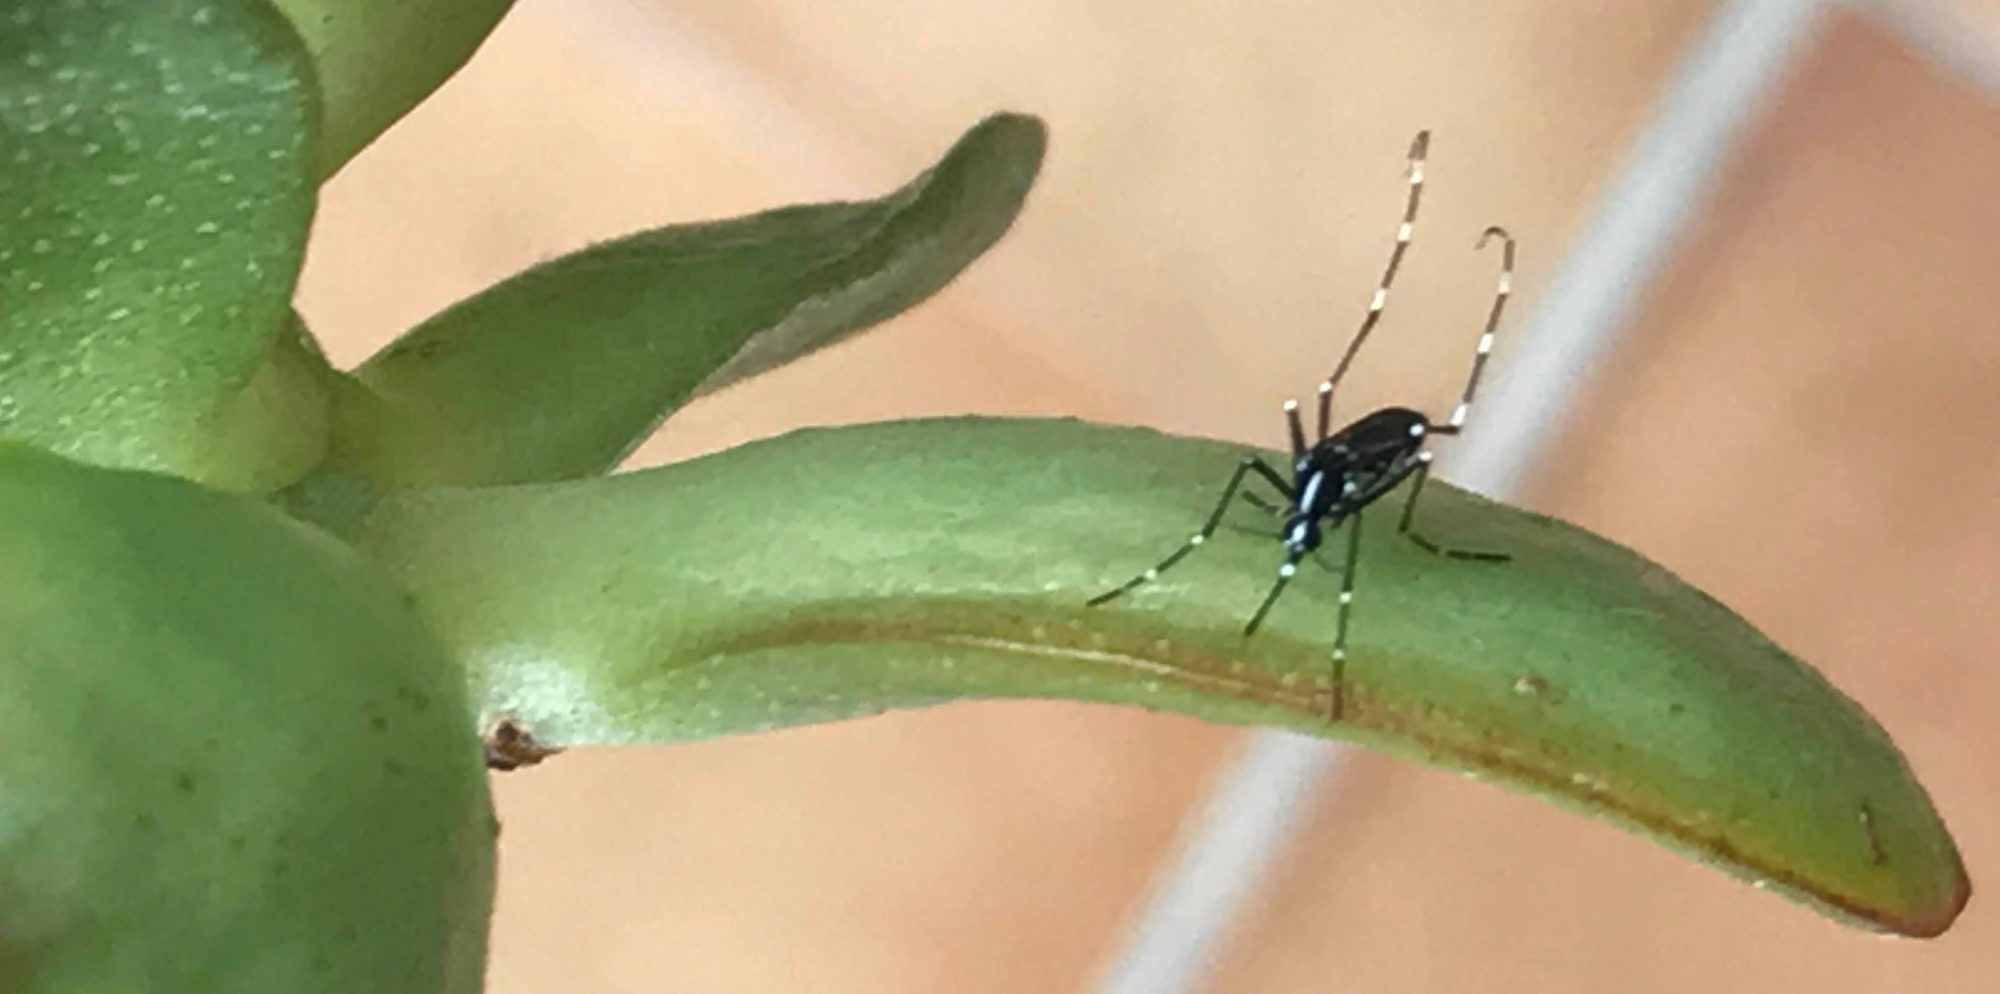 Mosquit tigre (Aedes albopictus). Mosquito Alert CC-BY